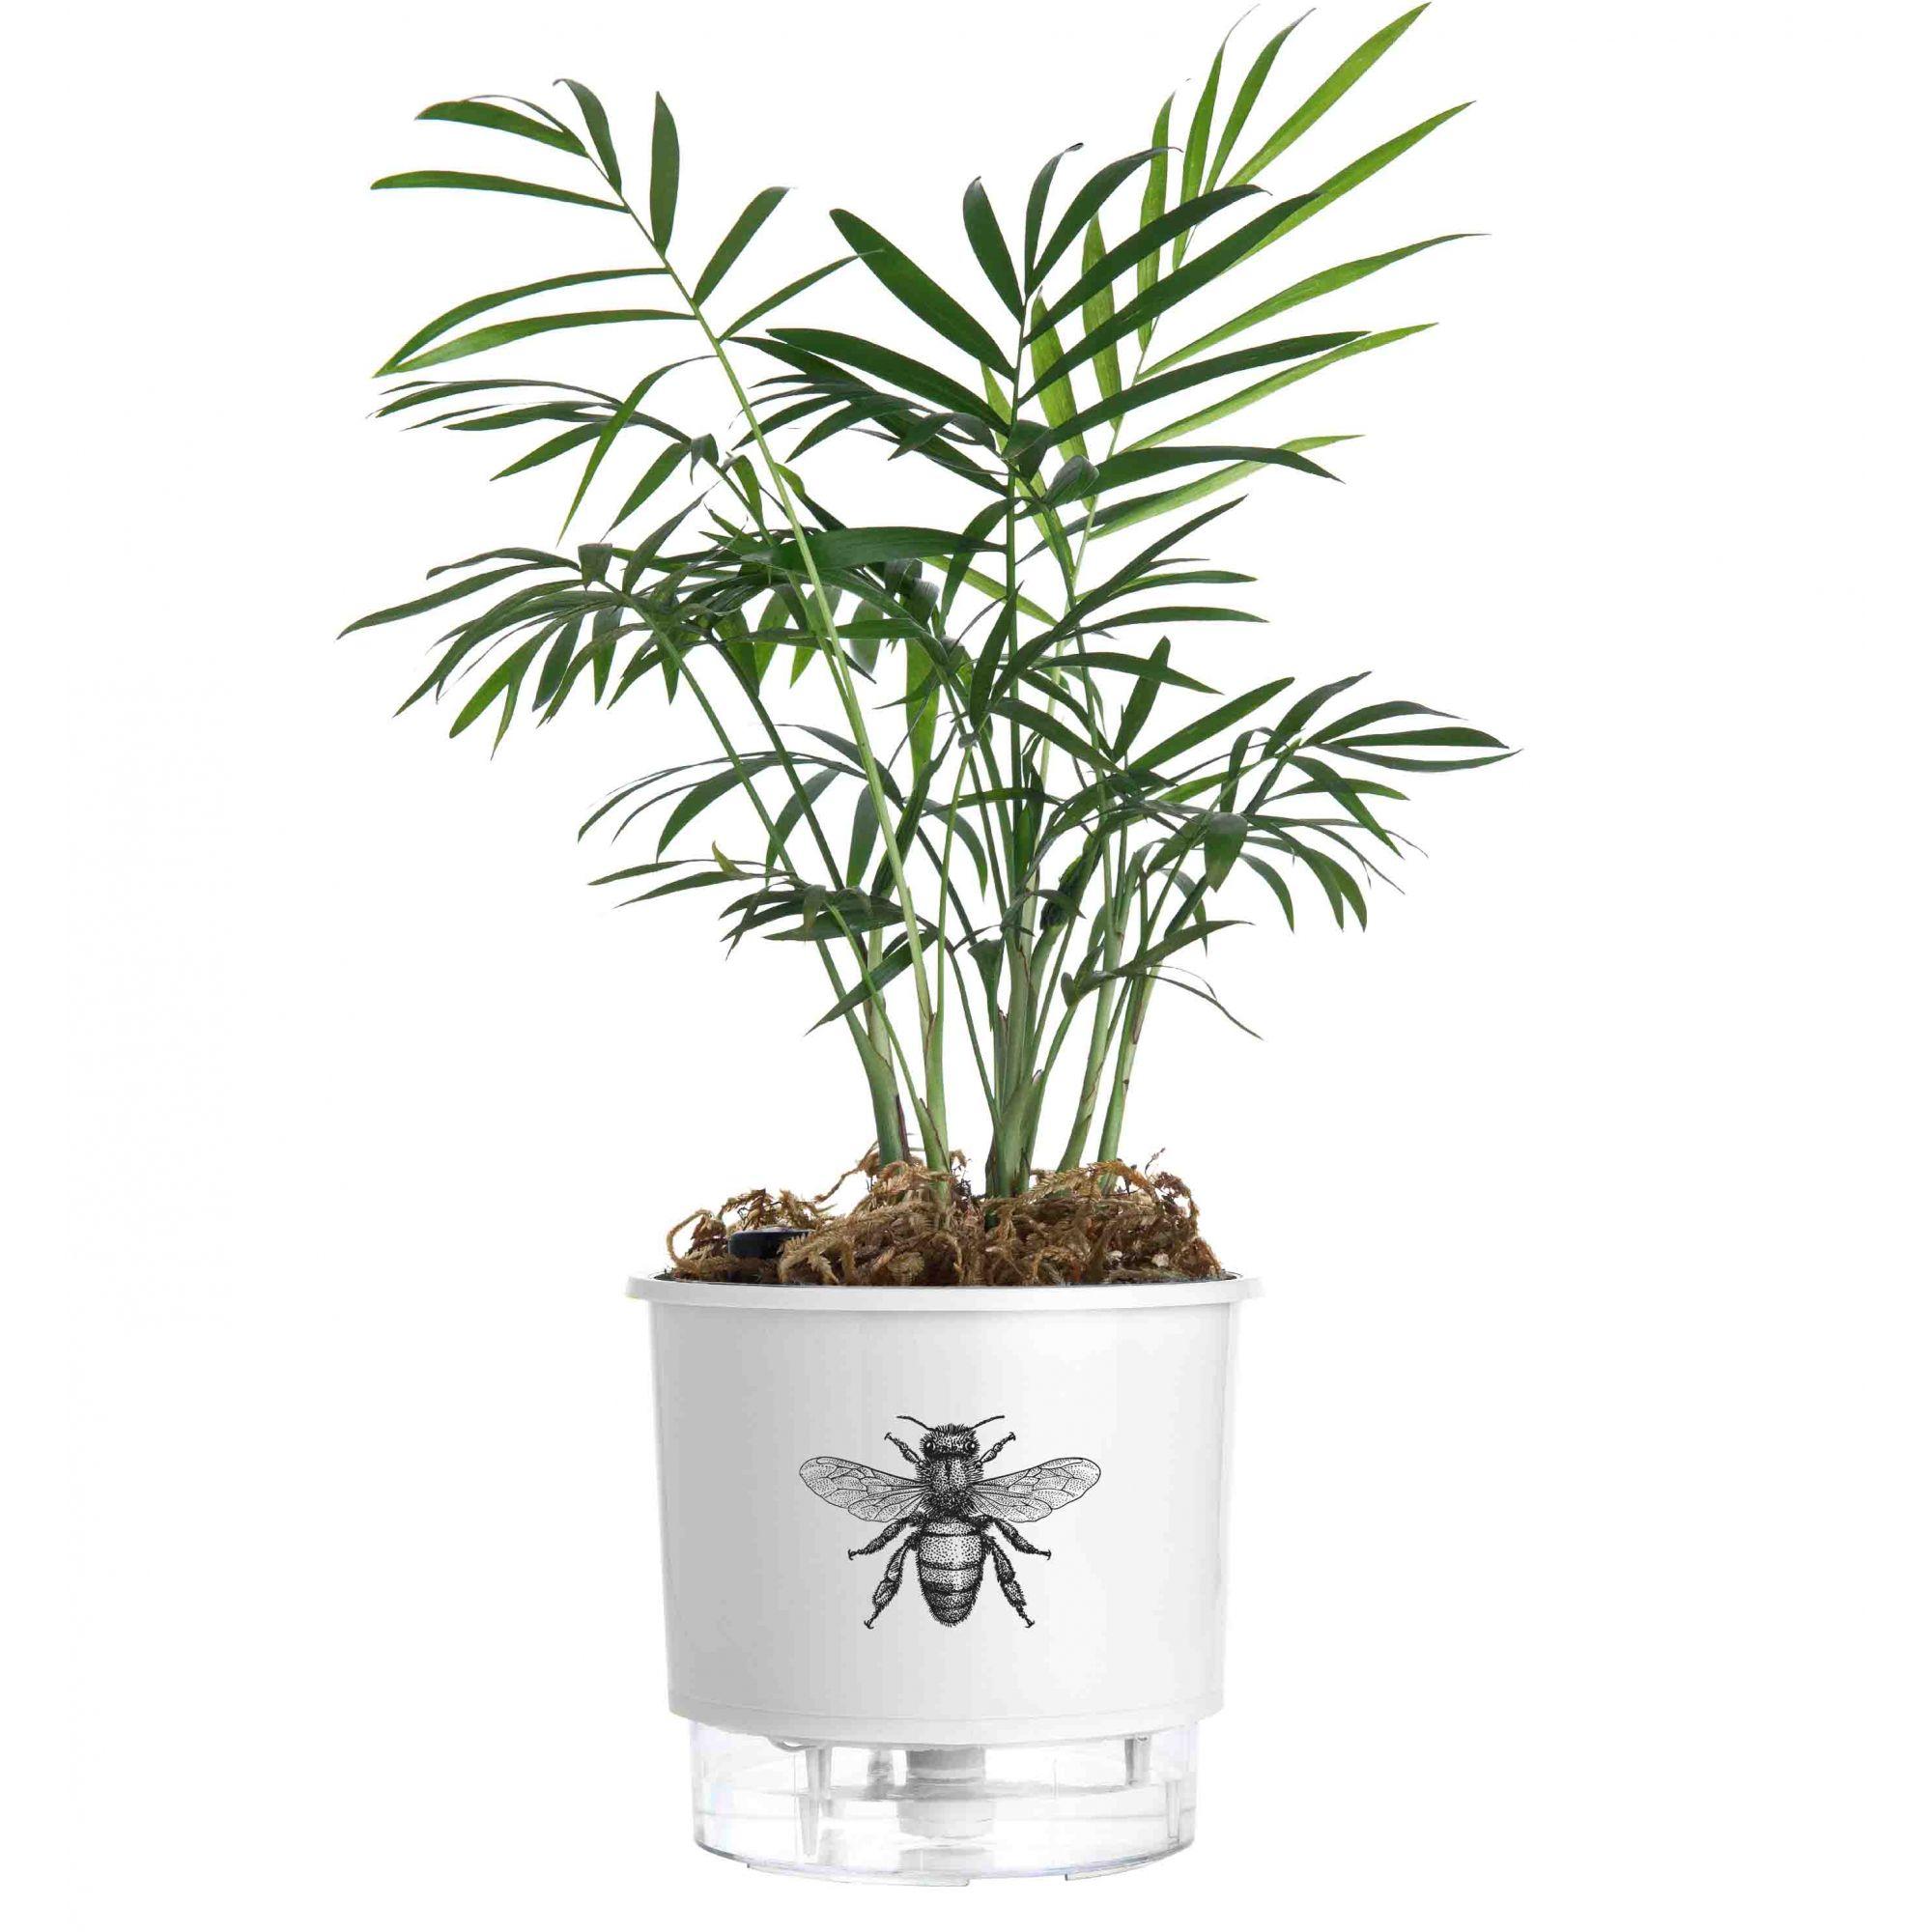 Vaso Autoirrigável Pequeno N02 12cm x 11cm Branco Abelha Linha Jardim de Insetos